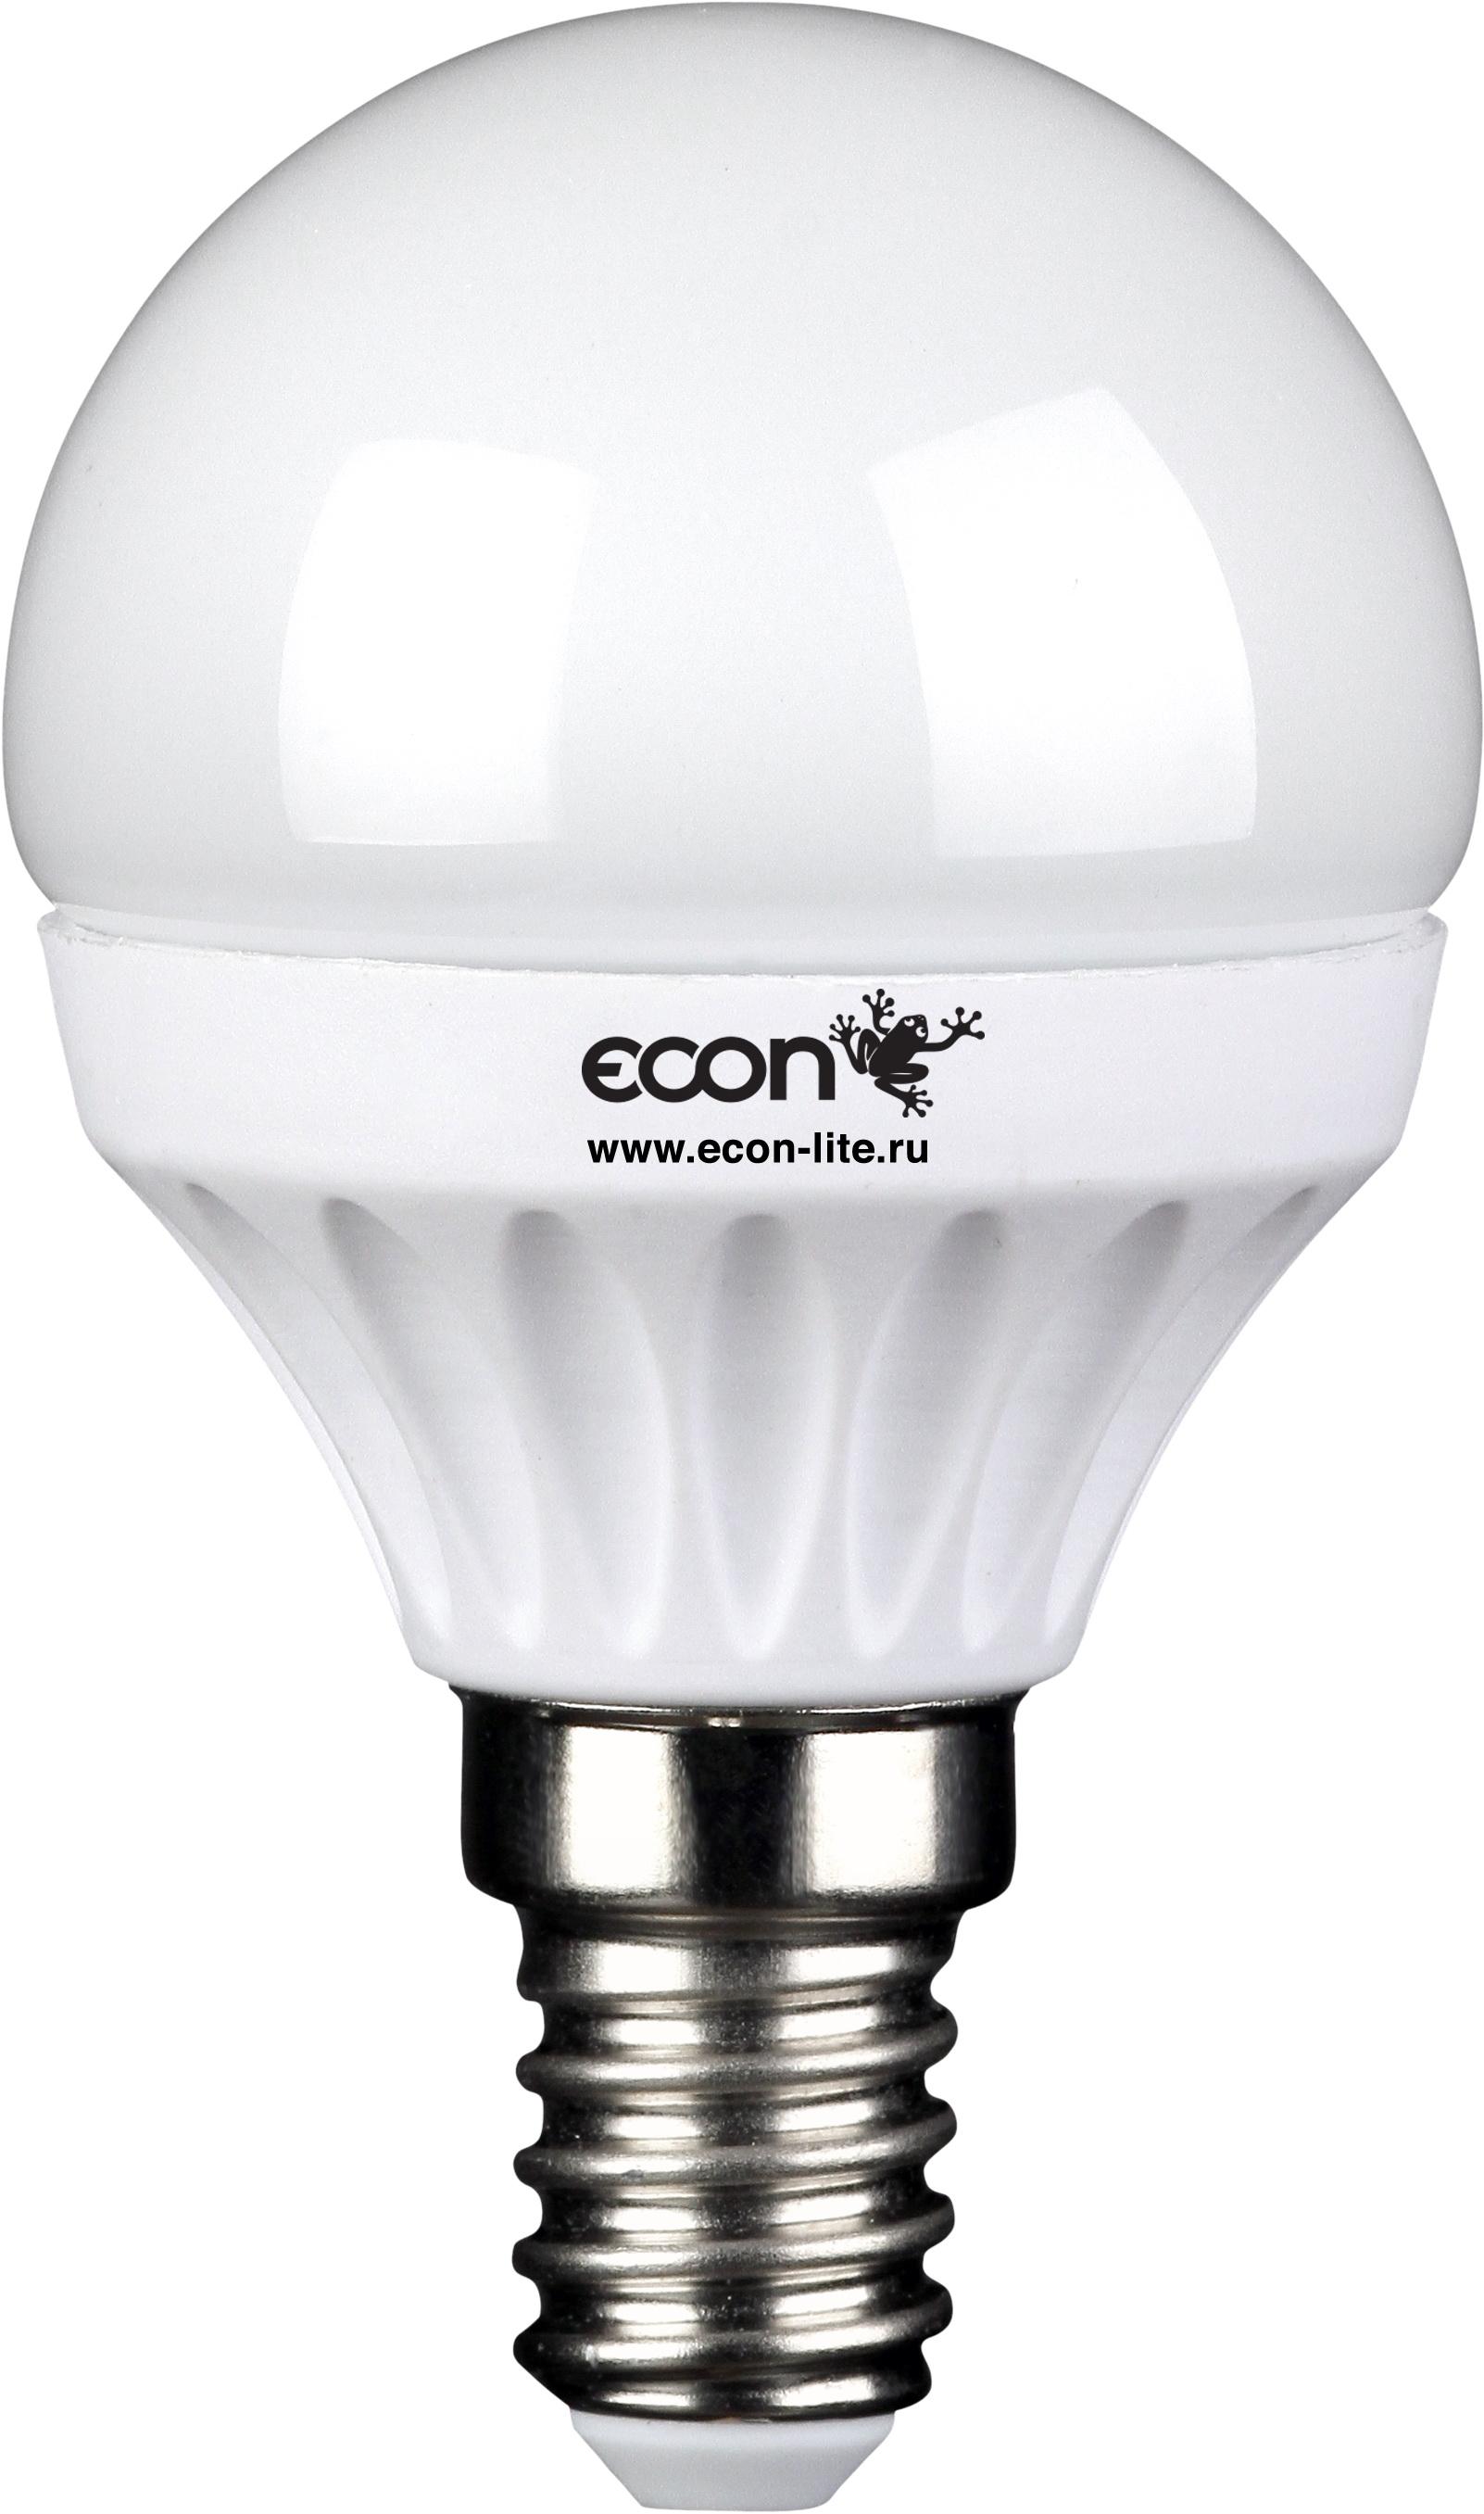 Лампа светодиодная Econ Led p 5Вт e14 3000k p45 анжелика и ее любовь